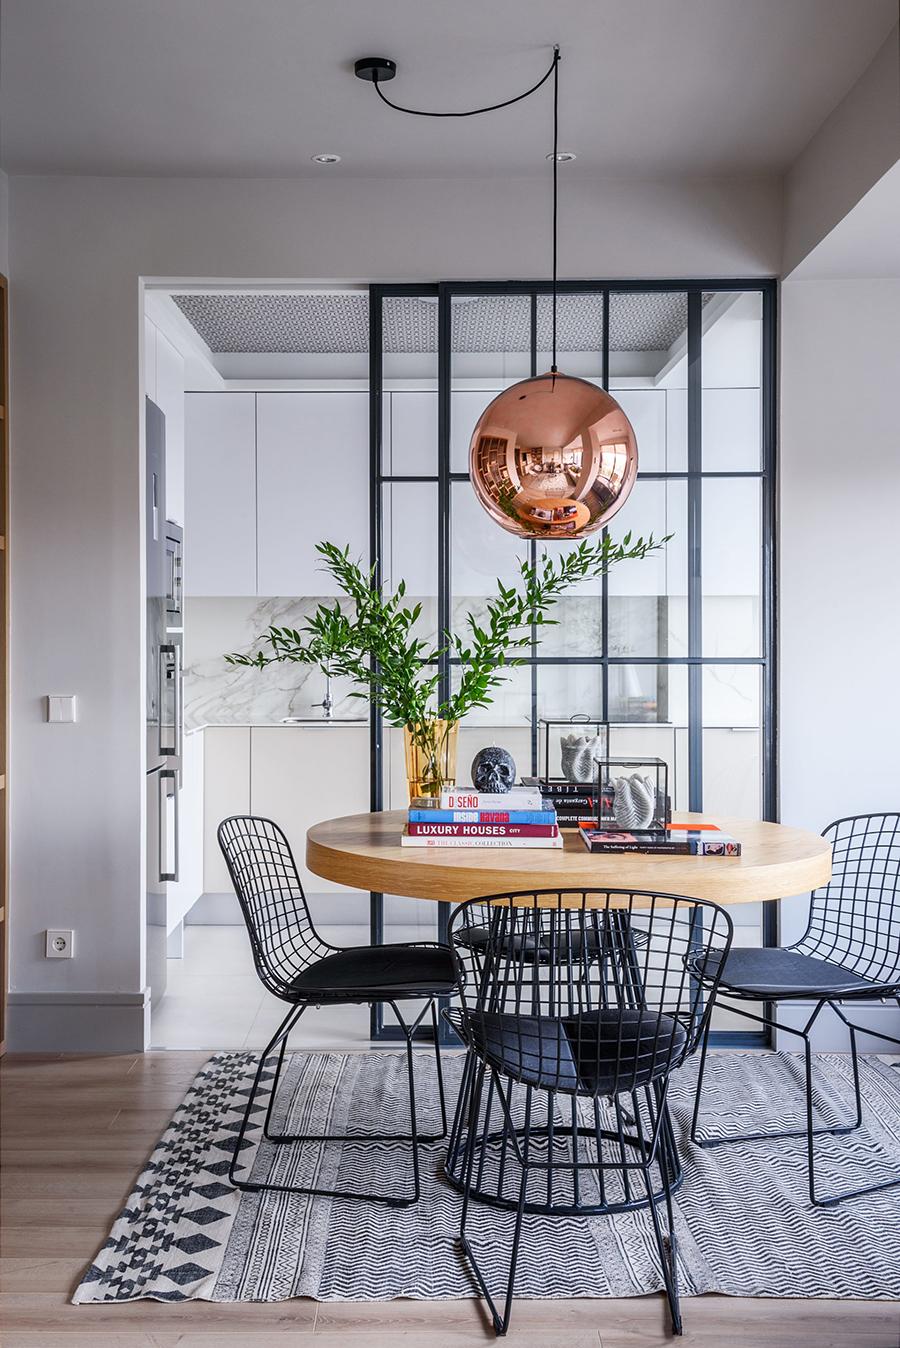 La imagen muestra a una cocina separada del comedor por una puerta de vidrio.